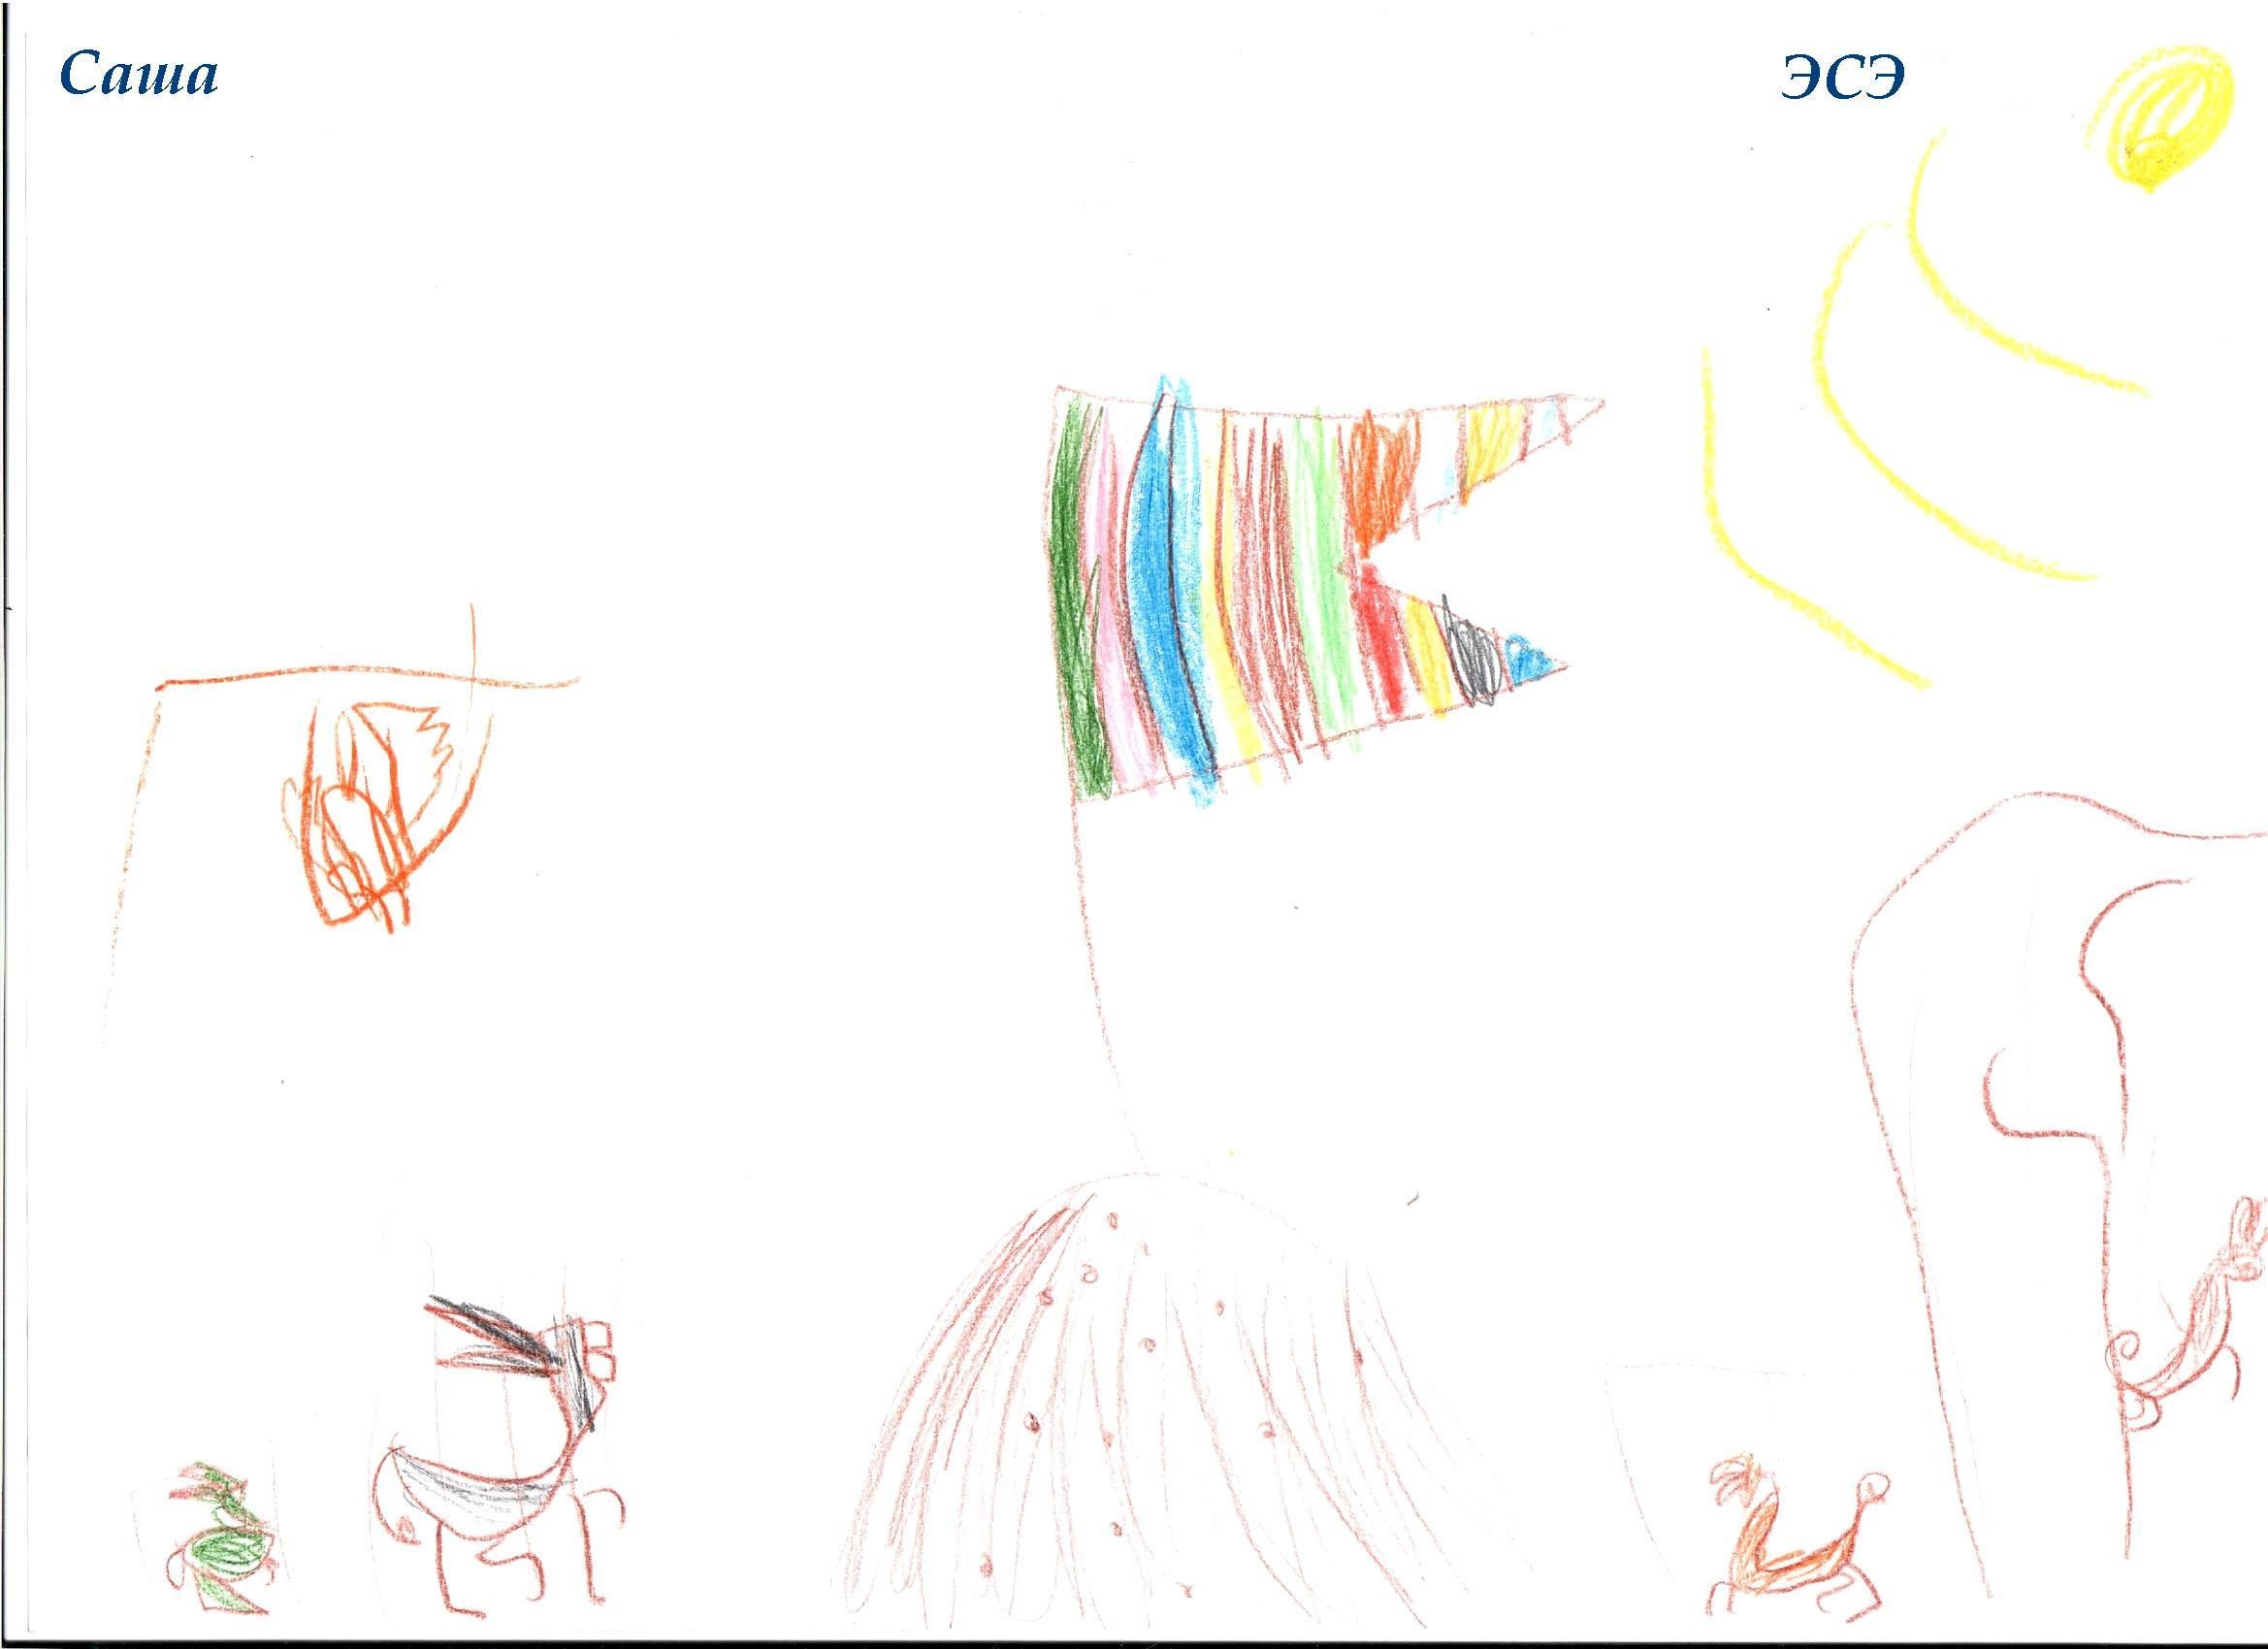 НИИ Соционики. Диагностика детей дошкольного возраста. Рисунок ЭСЭ, 6 лет